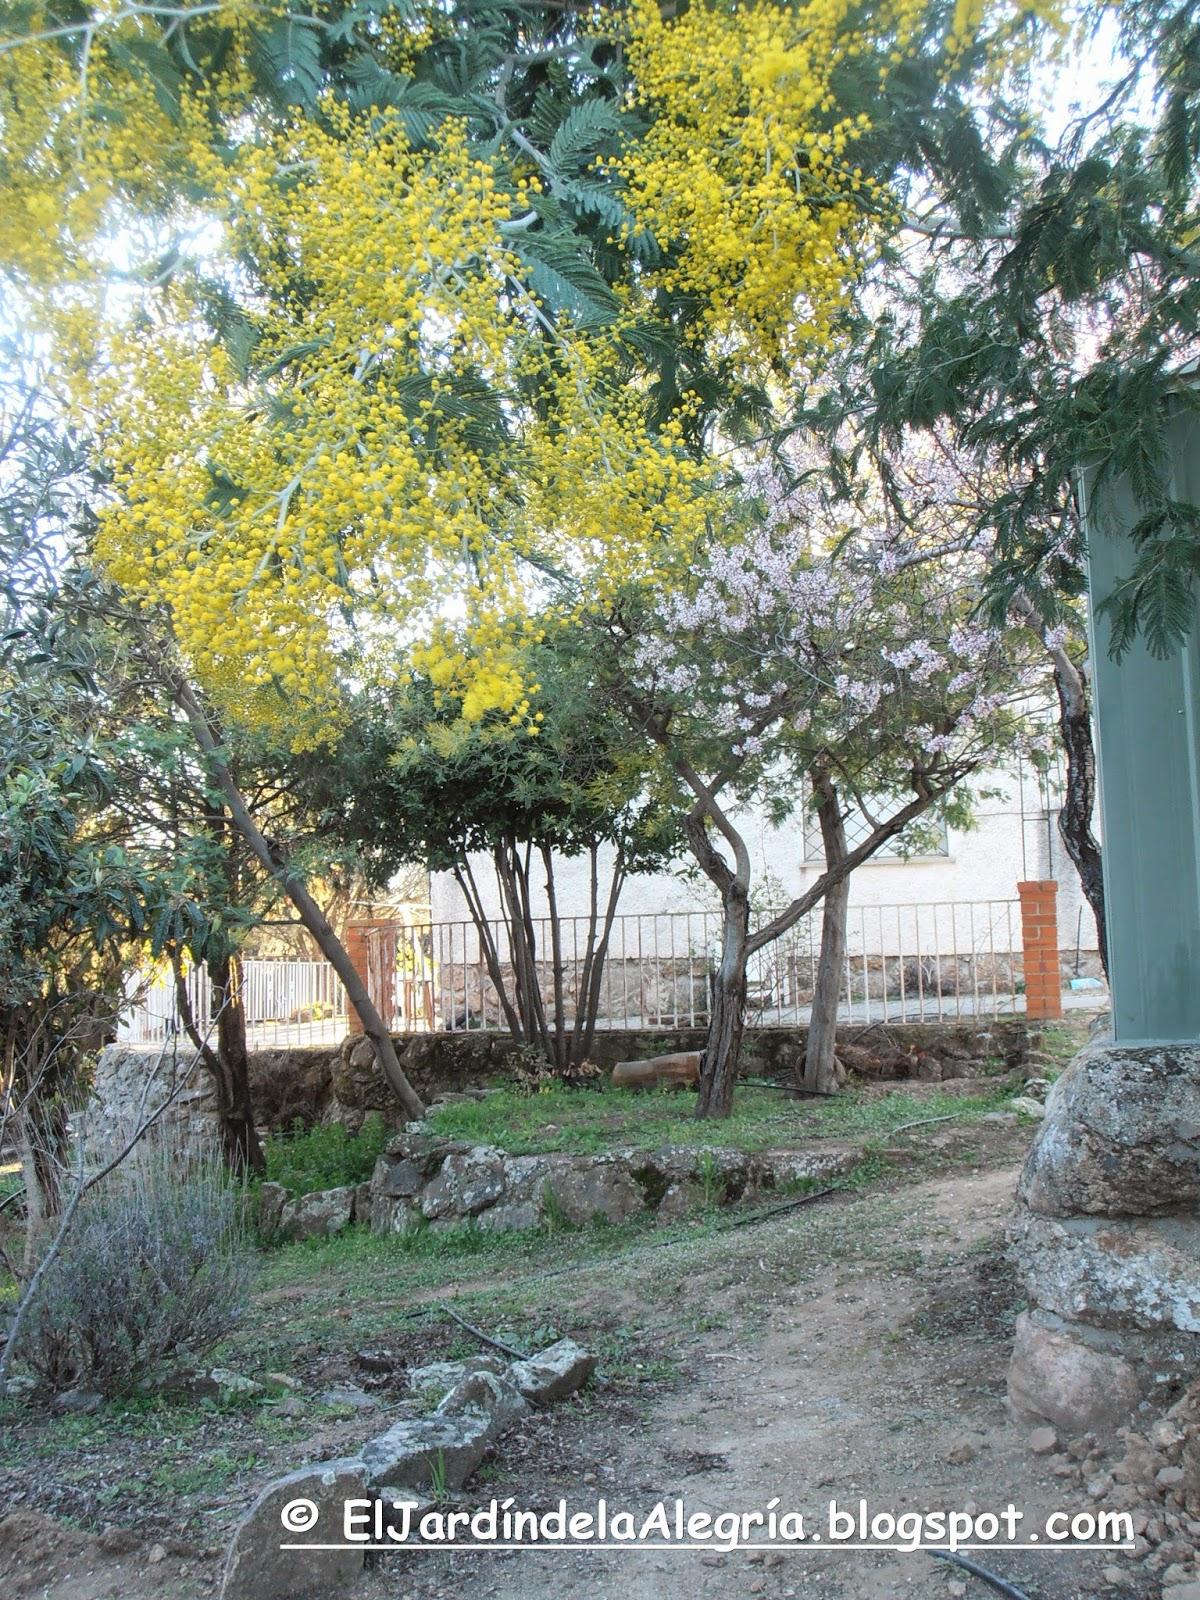 El jard n de la alegr a muchas mimosas y un almendro en flor for El jardin de la alegria cordoba